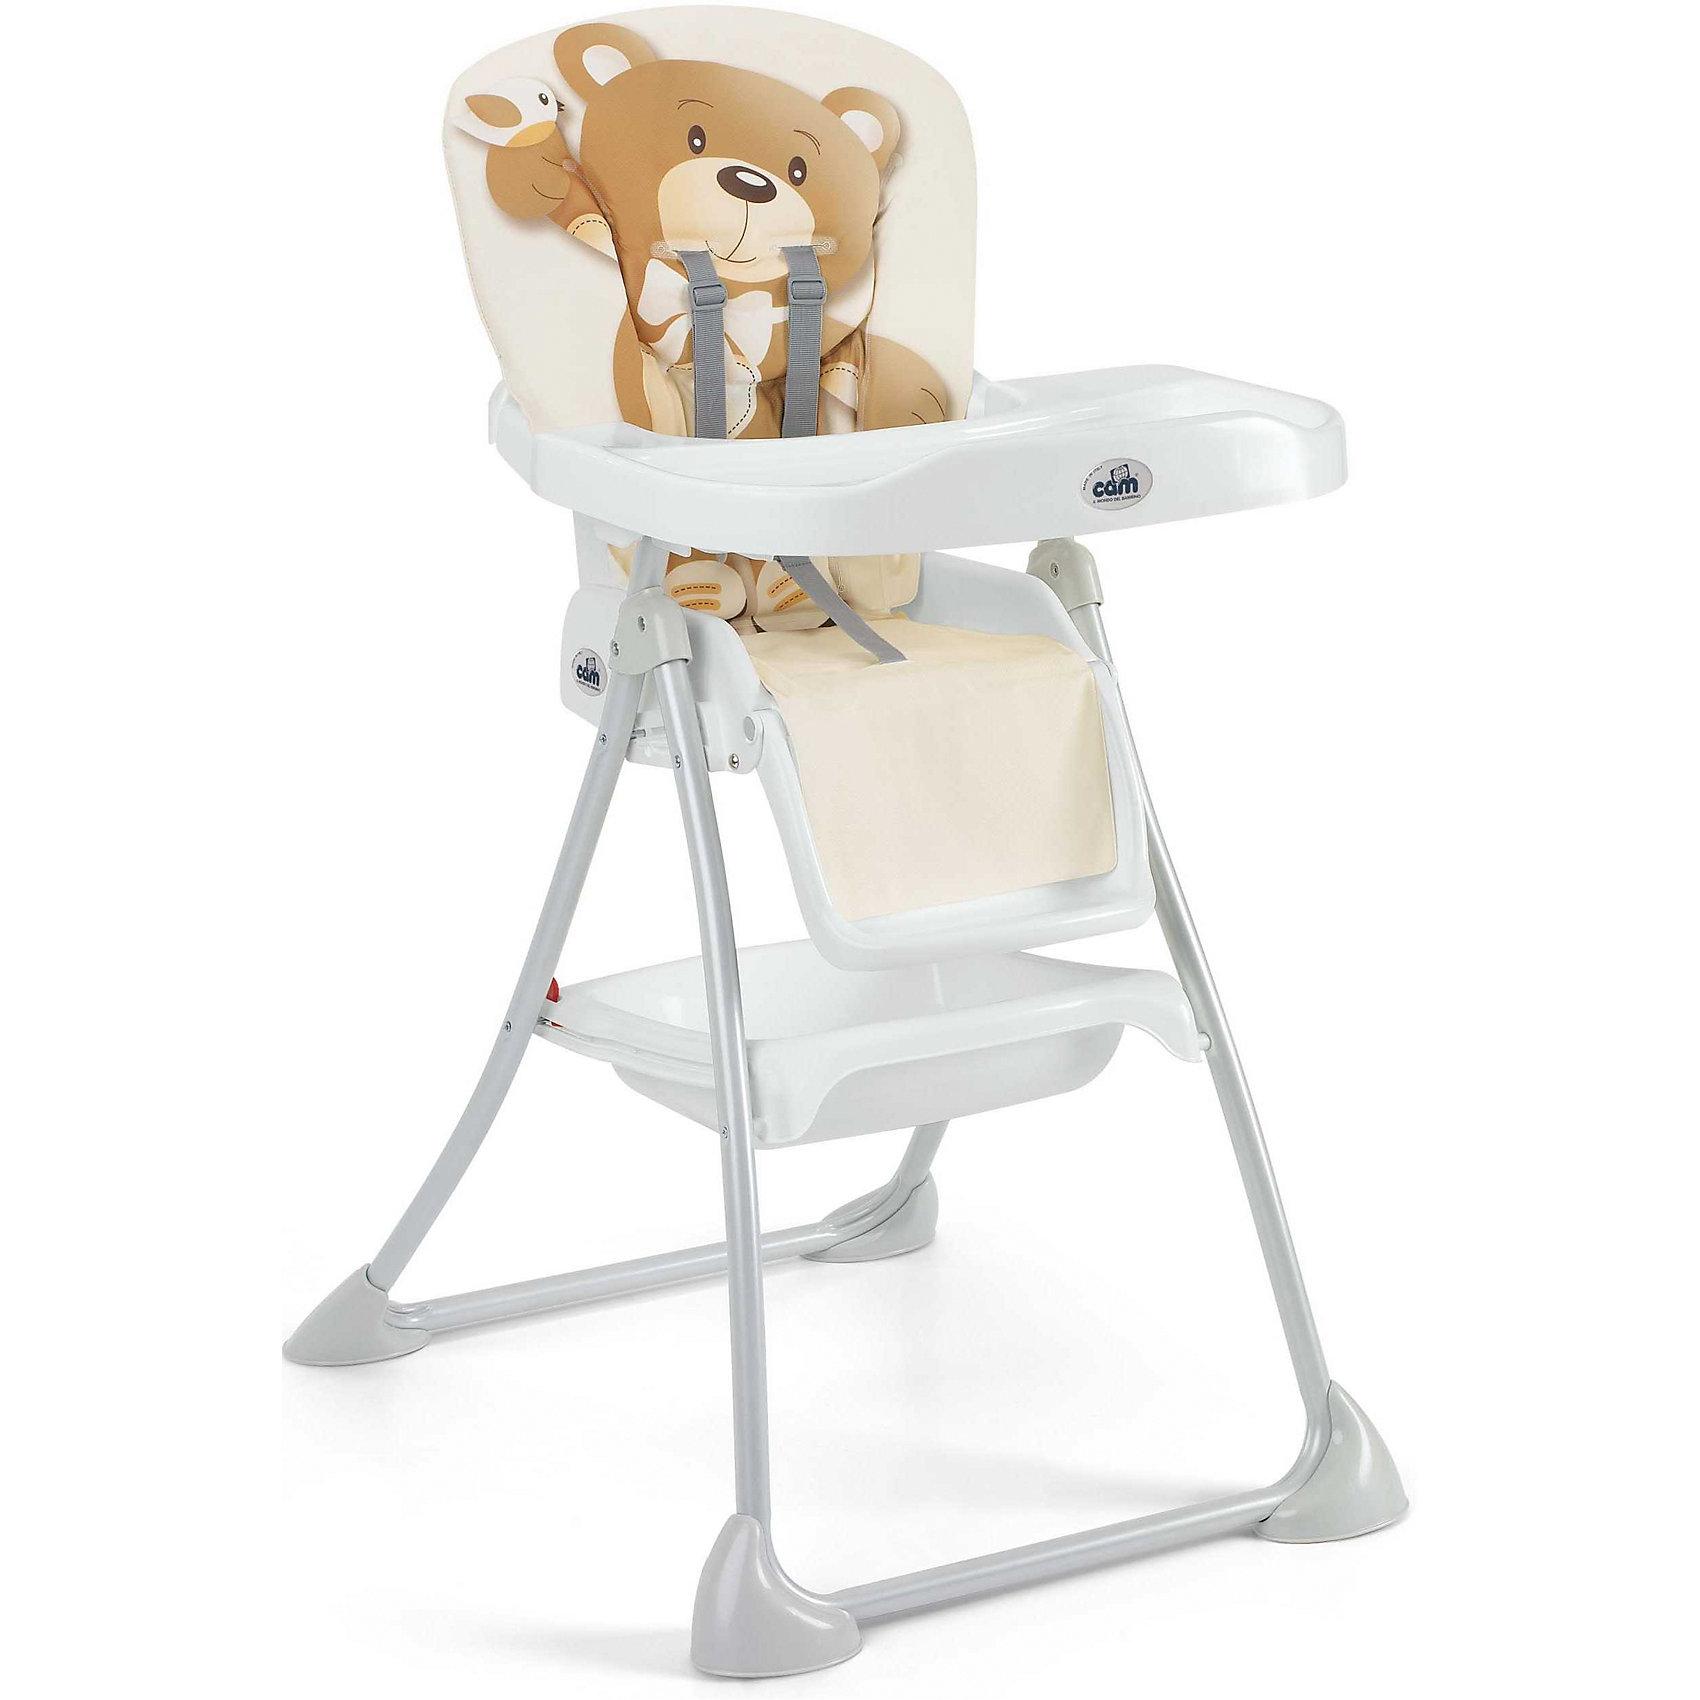 Стульчик для кормления Mini Plus, CAM, бежевый с медвежонкомот +6 месяцев<br>Стульчик для кормления Mini Plus, CAM, бежевый с медвежонком обеспечивает удобство при кормлении.<br>Очень компактный и легкий стул создает максимальный комфорт для ребенка. Он регулируется: наклон спинки и высота сиденья, положение и высота опоры для ног в трех режимах. Поднос можно снять. Кроме того, у стульчика чехол из эко-кожи, который можно снять и легко помыть. Ножки с защитными насадками против скольжения. Для безопасности ребенка 5-точечный ремень безопасности. Есть отделение, в котором можно хранить продукты.<br><br>Дополнительная информация:<br><br>- размер в открытом виде: 62х83х111 см<br>- размер в сложенном виде: 62х23х109 см<br>- возрастная группа: от 6 месяцев<br>- цвет: бежевый<br><br>Стульчик для кормления Mini Plus, CAM, бежевый с медвежонком бежевый можно купить в нашем интернет магазине.<br><br>Ширина мм: 550<br>Глубина мм: 220<br>Высота мм: 995<br>Вес г: 8300<br>Возраст от месяцев: 6<br>Возраст до месяцев: 36<br>Пол: Унисекс<br>Возраст: Детский<br>SKU: 5013517